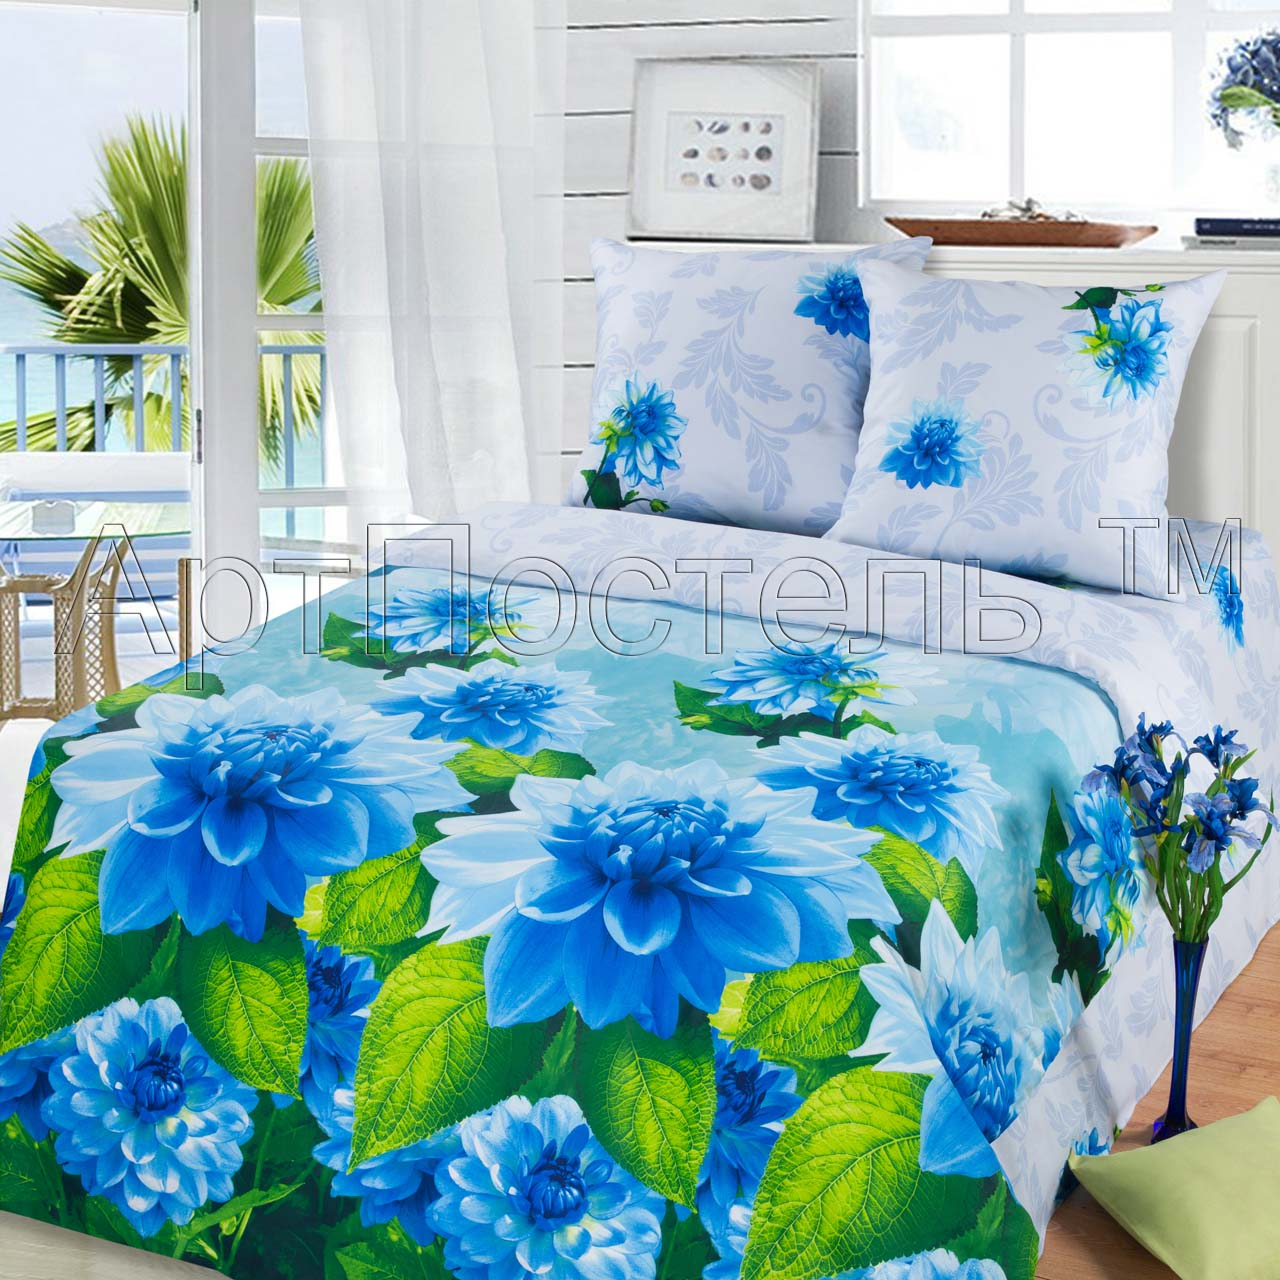 Постельный комплект 1,5 спальный «Герцог», размер 1,5 сп. - Постельное белье артикул: 8028